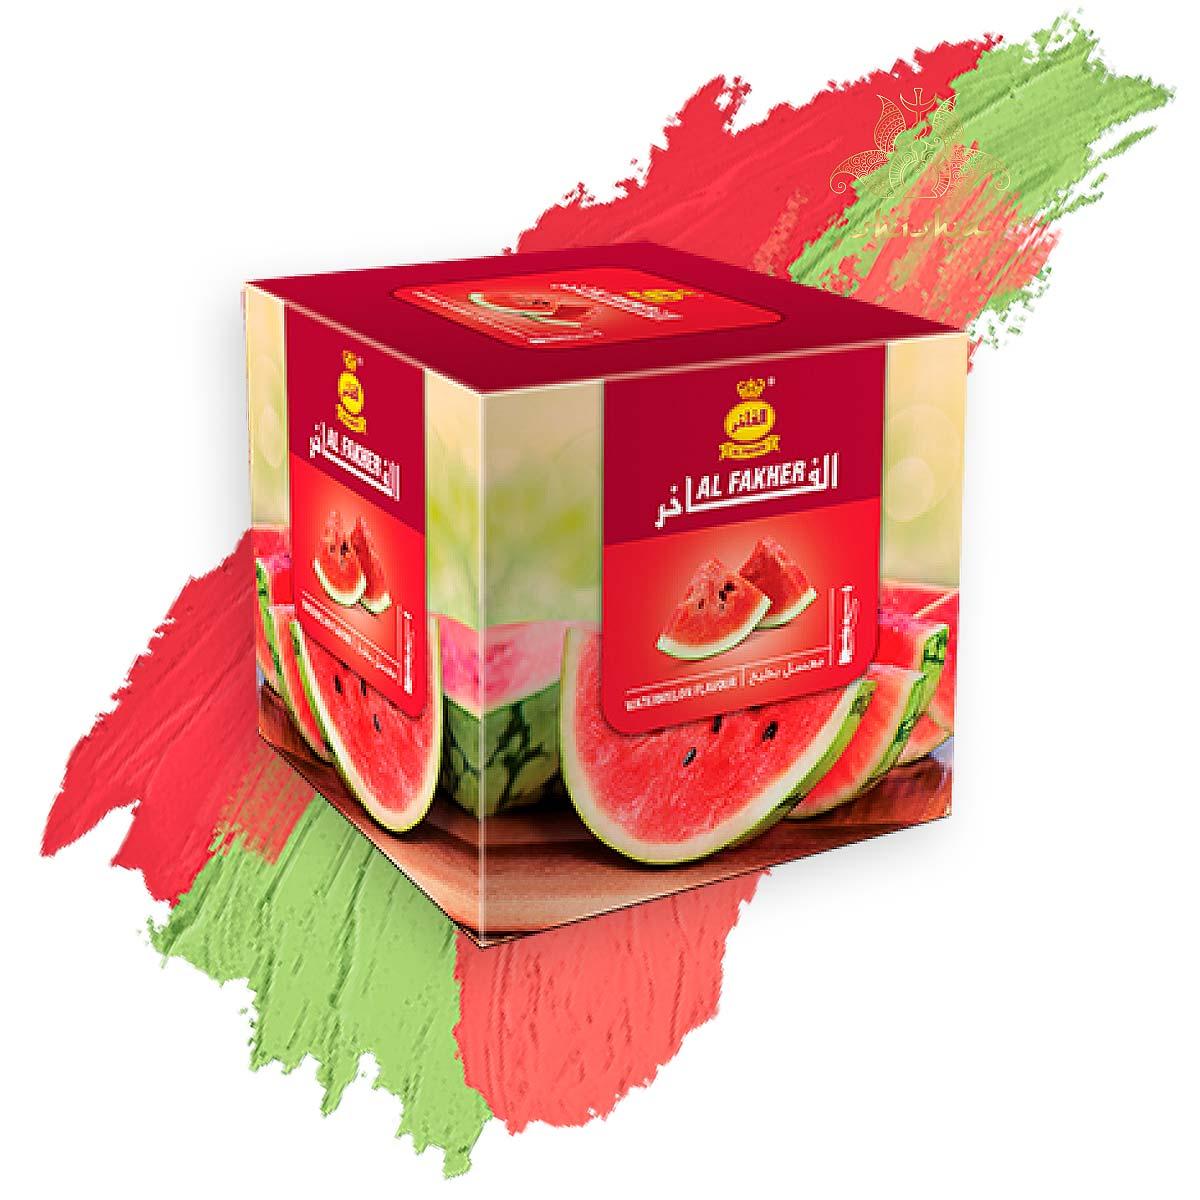 Al fakher табак оптом купить brusko табак оптом